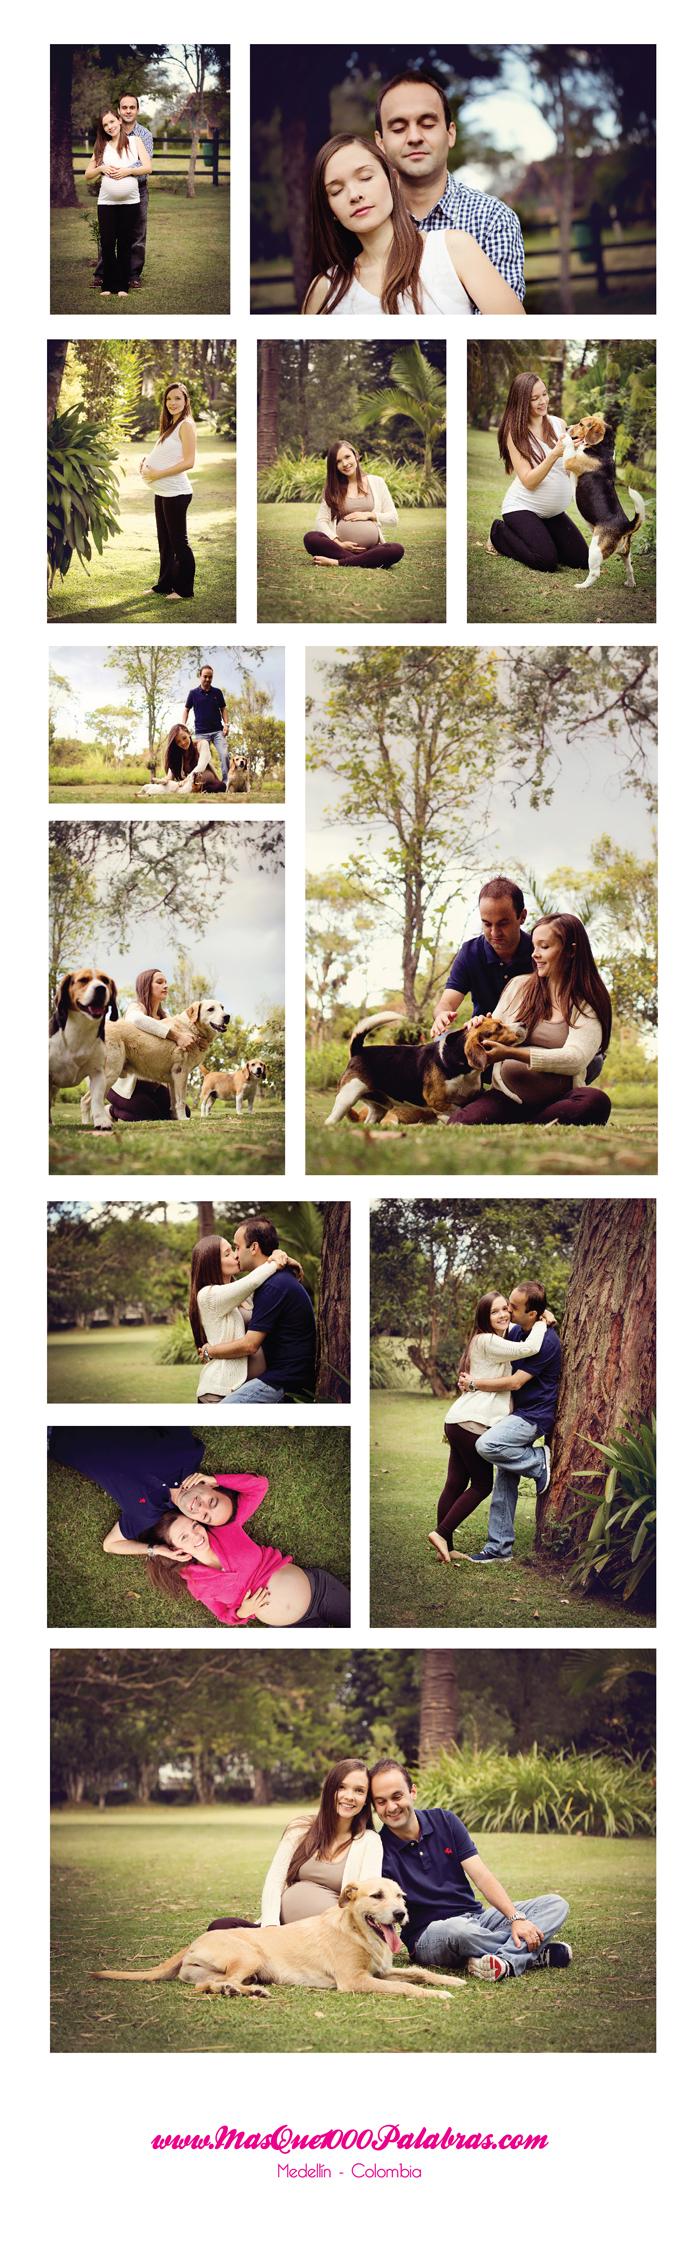 Esteban y monica en su embarazo con los perritos